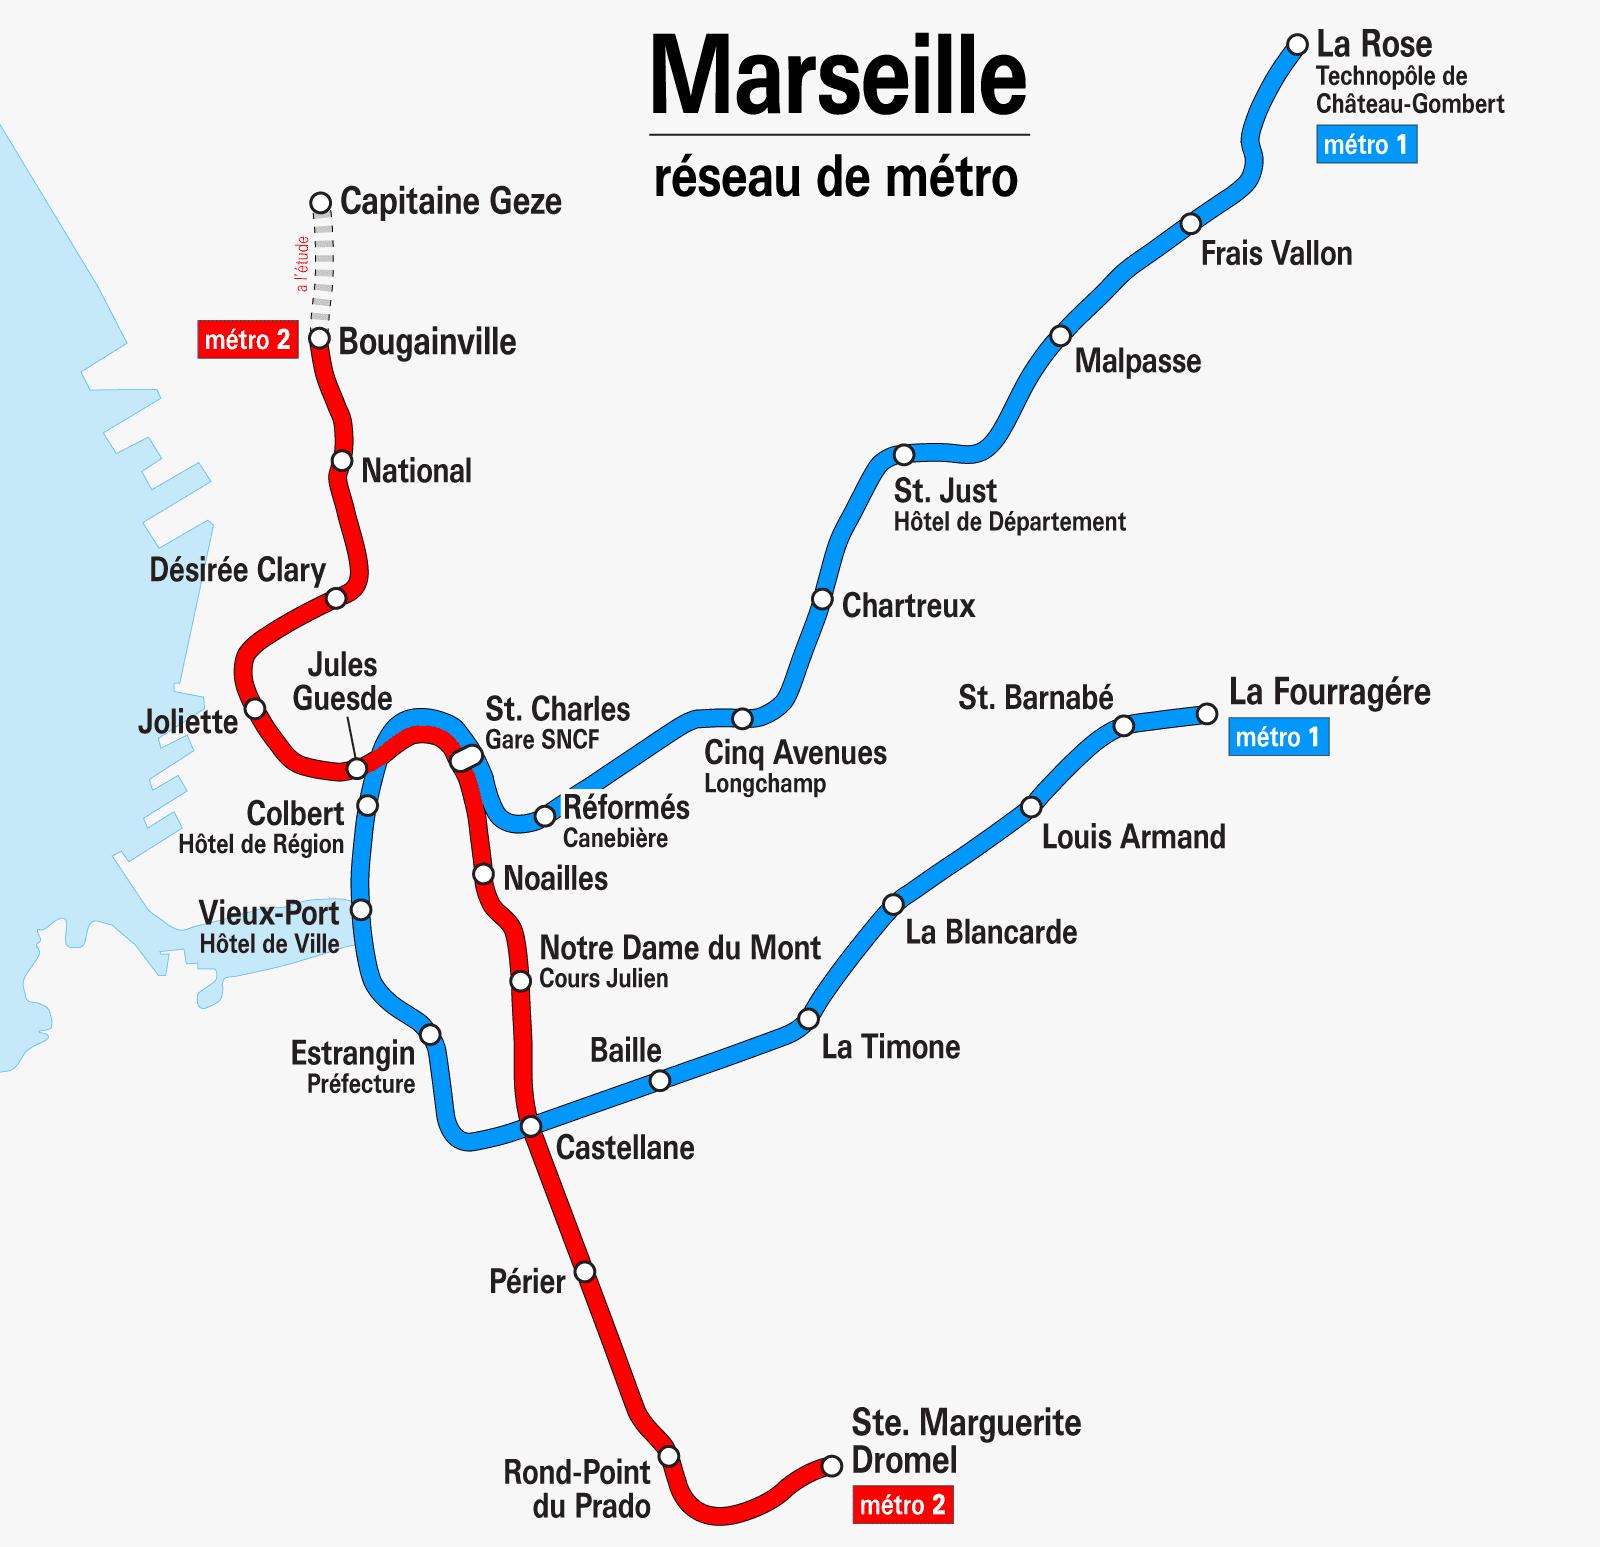 Plan du métro de Marseille